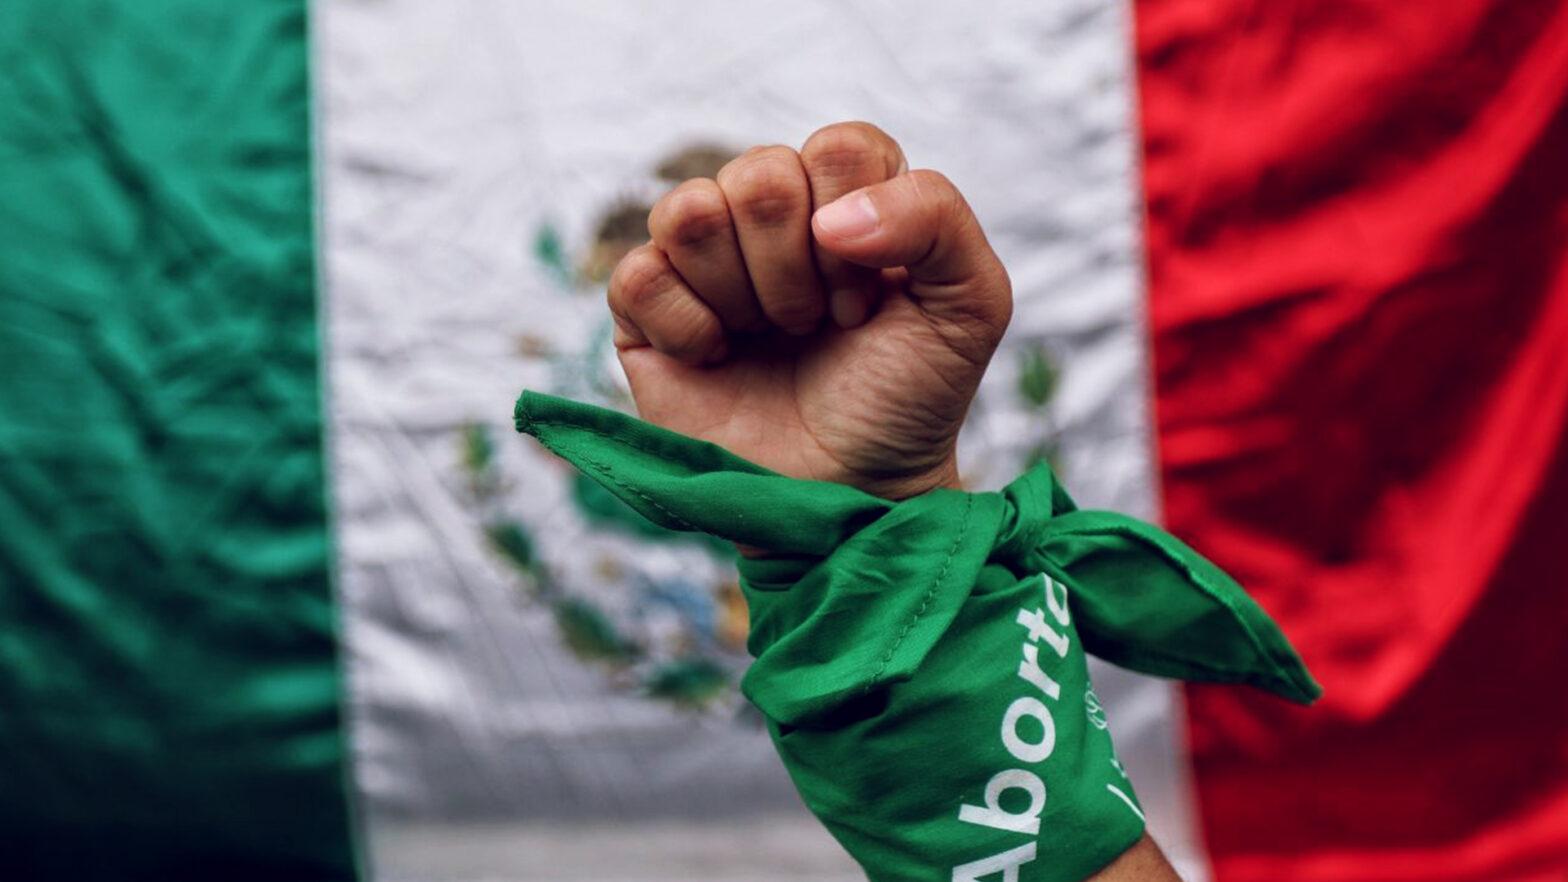 una mano con un pañuelo se levanta delante de la bandera de México en pro del aborto